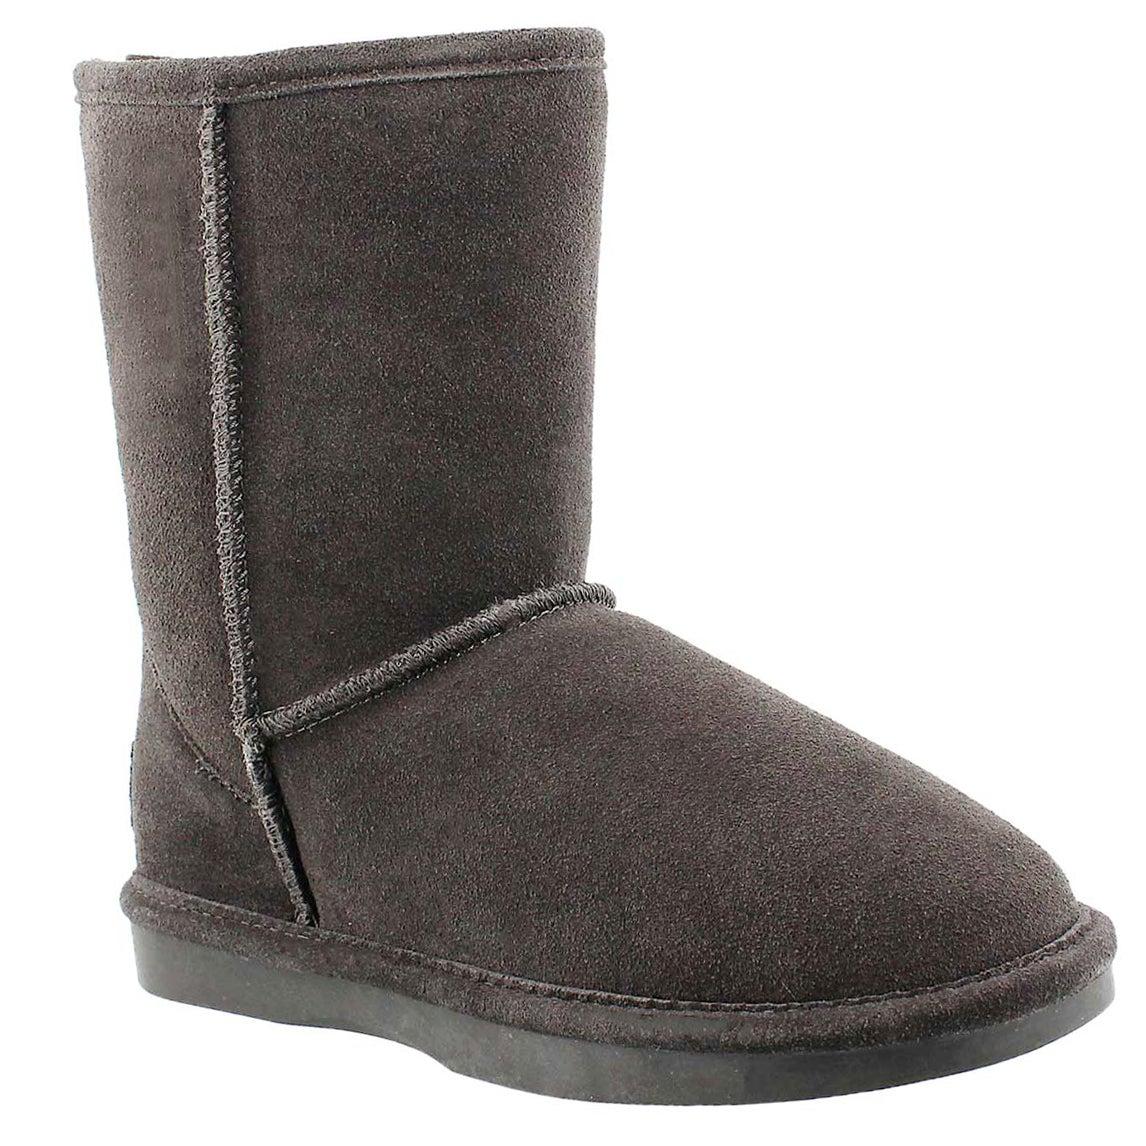 Lds Smocs Zip grey suede boot